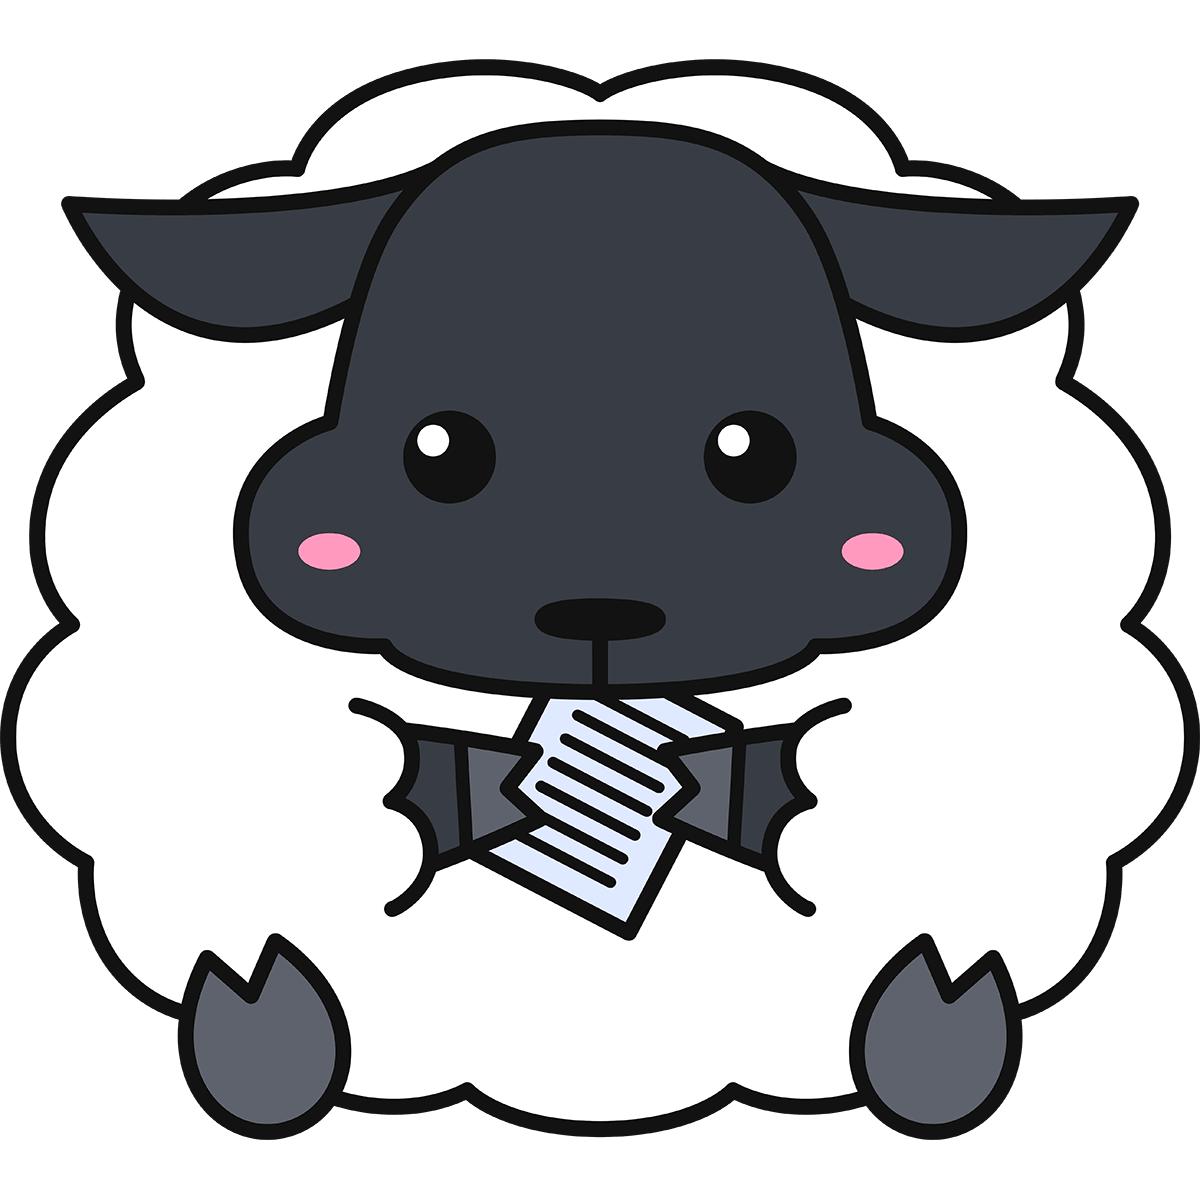 紙を食べる羊(サフォーク)の無料イラスト